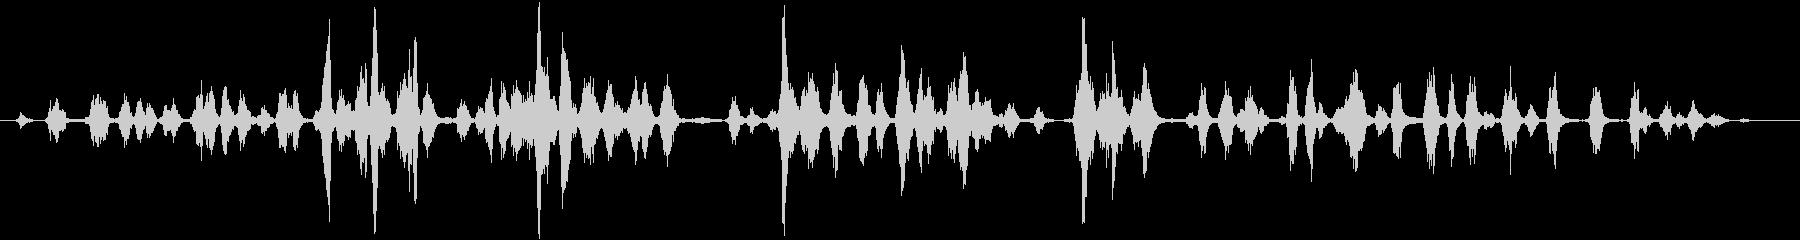 アウトドアドッグケンネル:ドッグバ...の未再生の波形